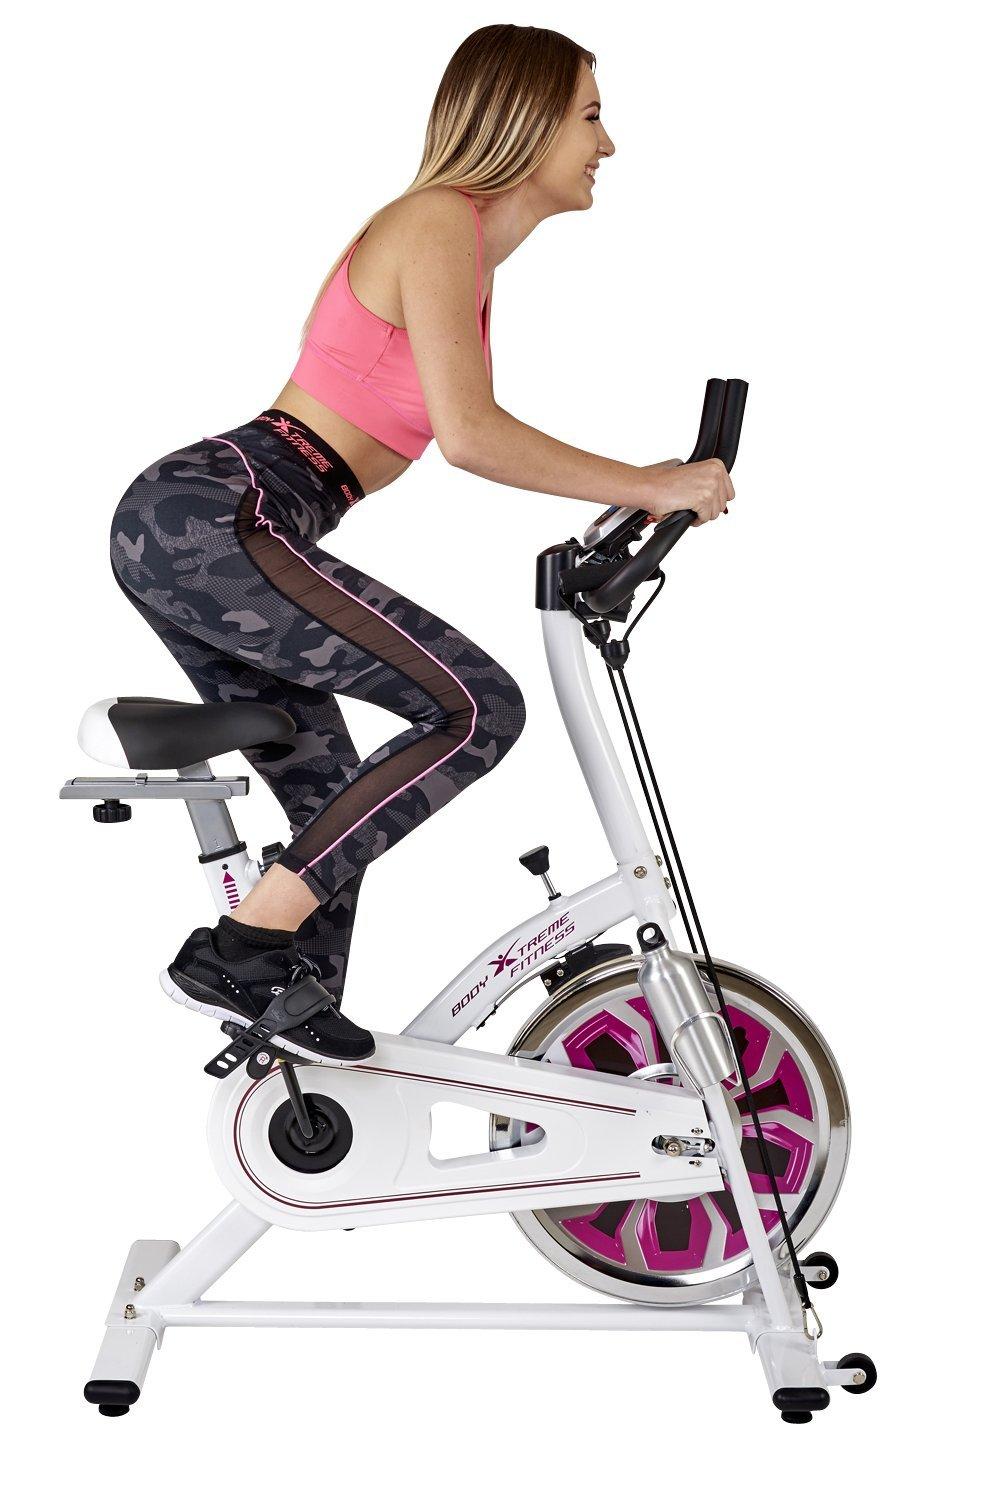 Body Xtreme Fitness USA Cuerpo Equipo Xtreme hogar Bicicleta Estática de Fitness, Gimnasio, Entrenamiento, Ciclismo, Entrenamiento, Salud # ruxtreme ...